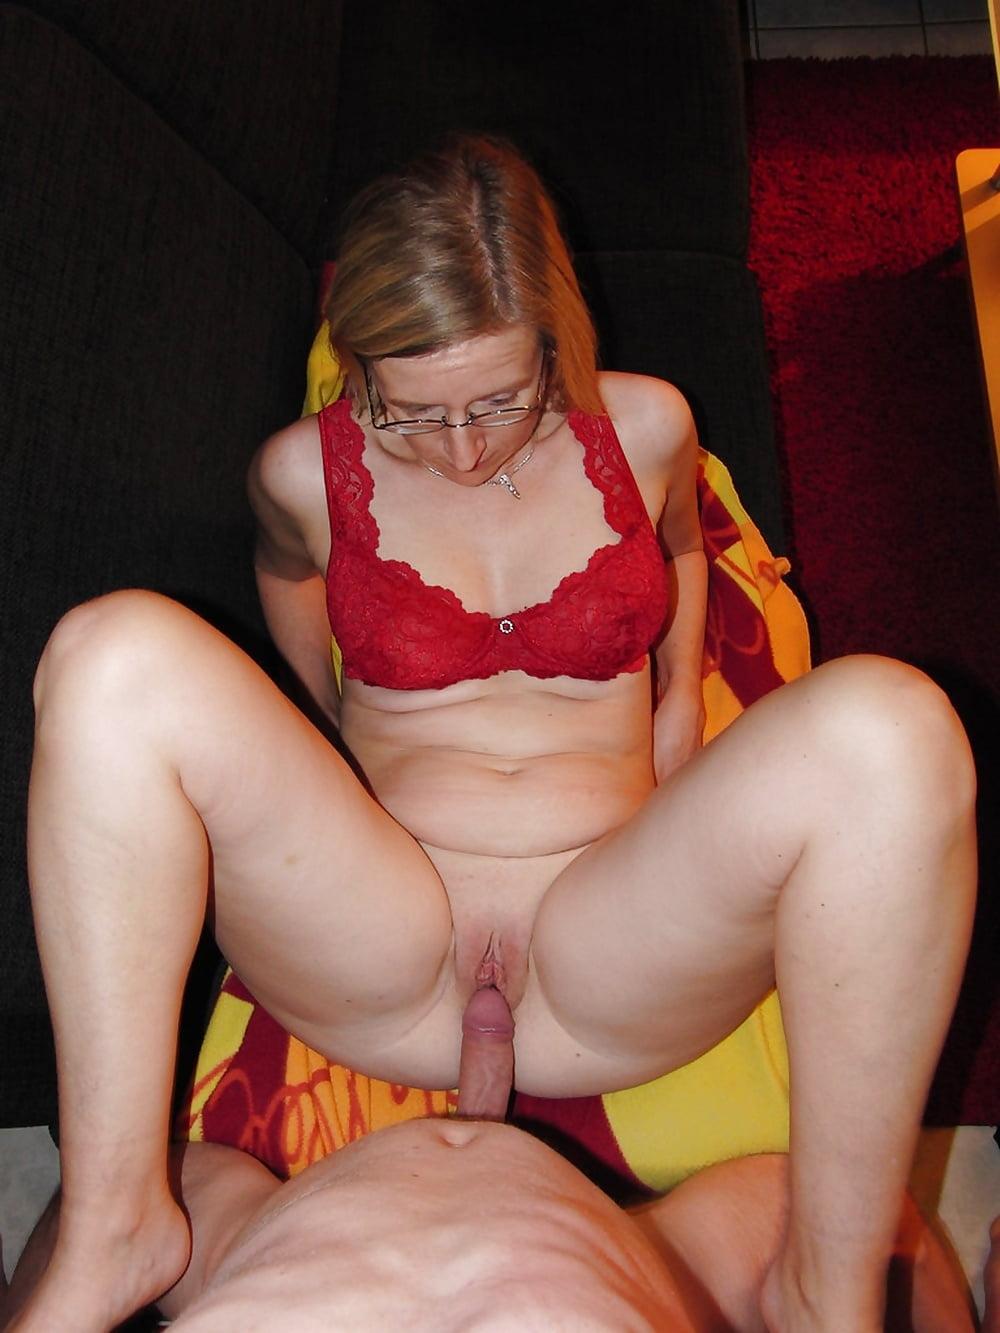 Middle aged sluts nude 5